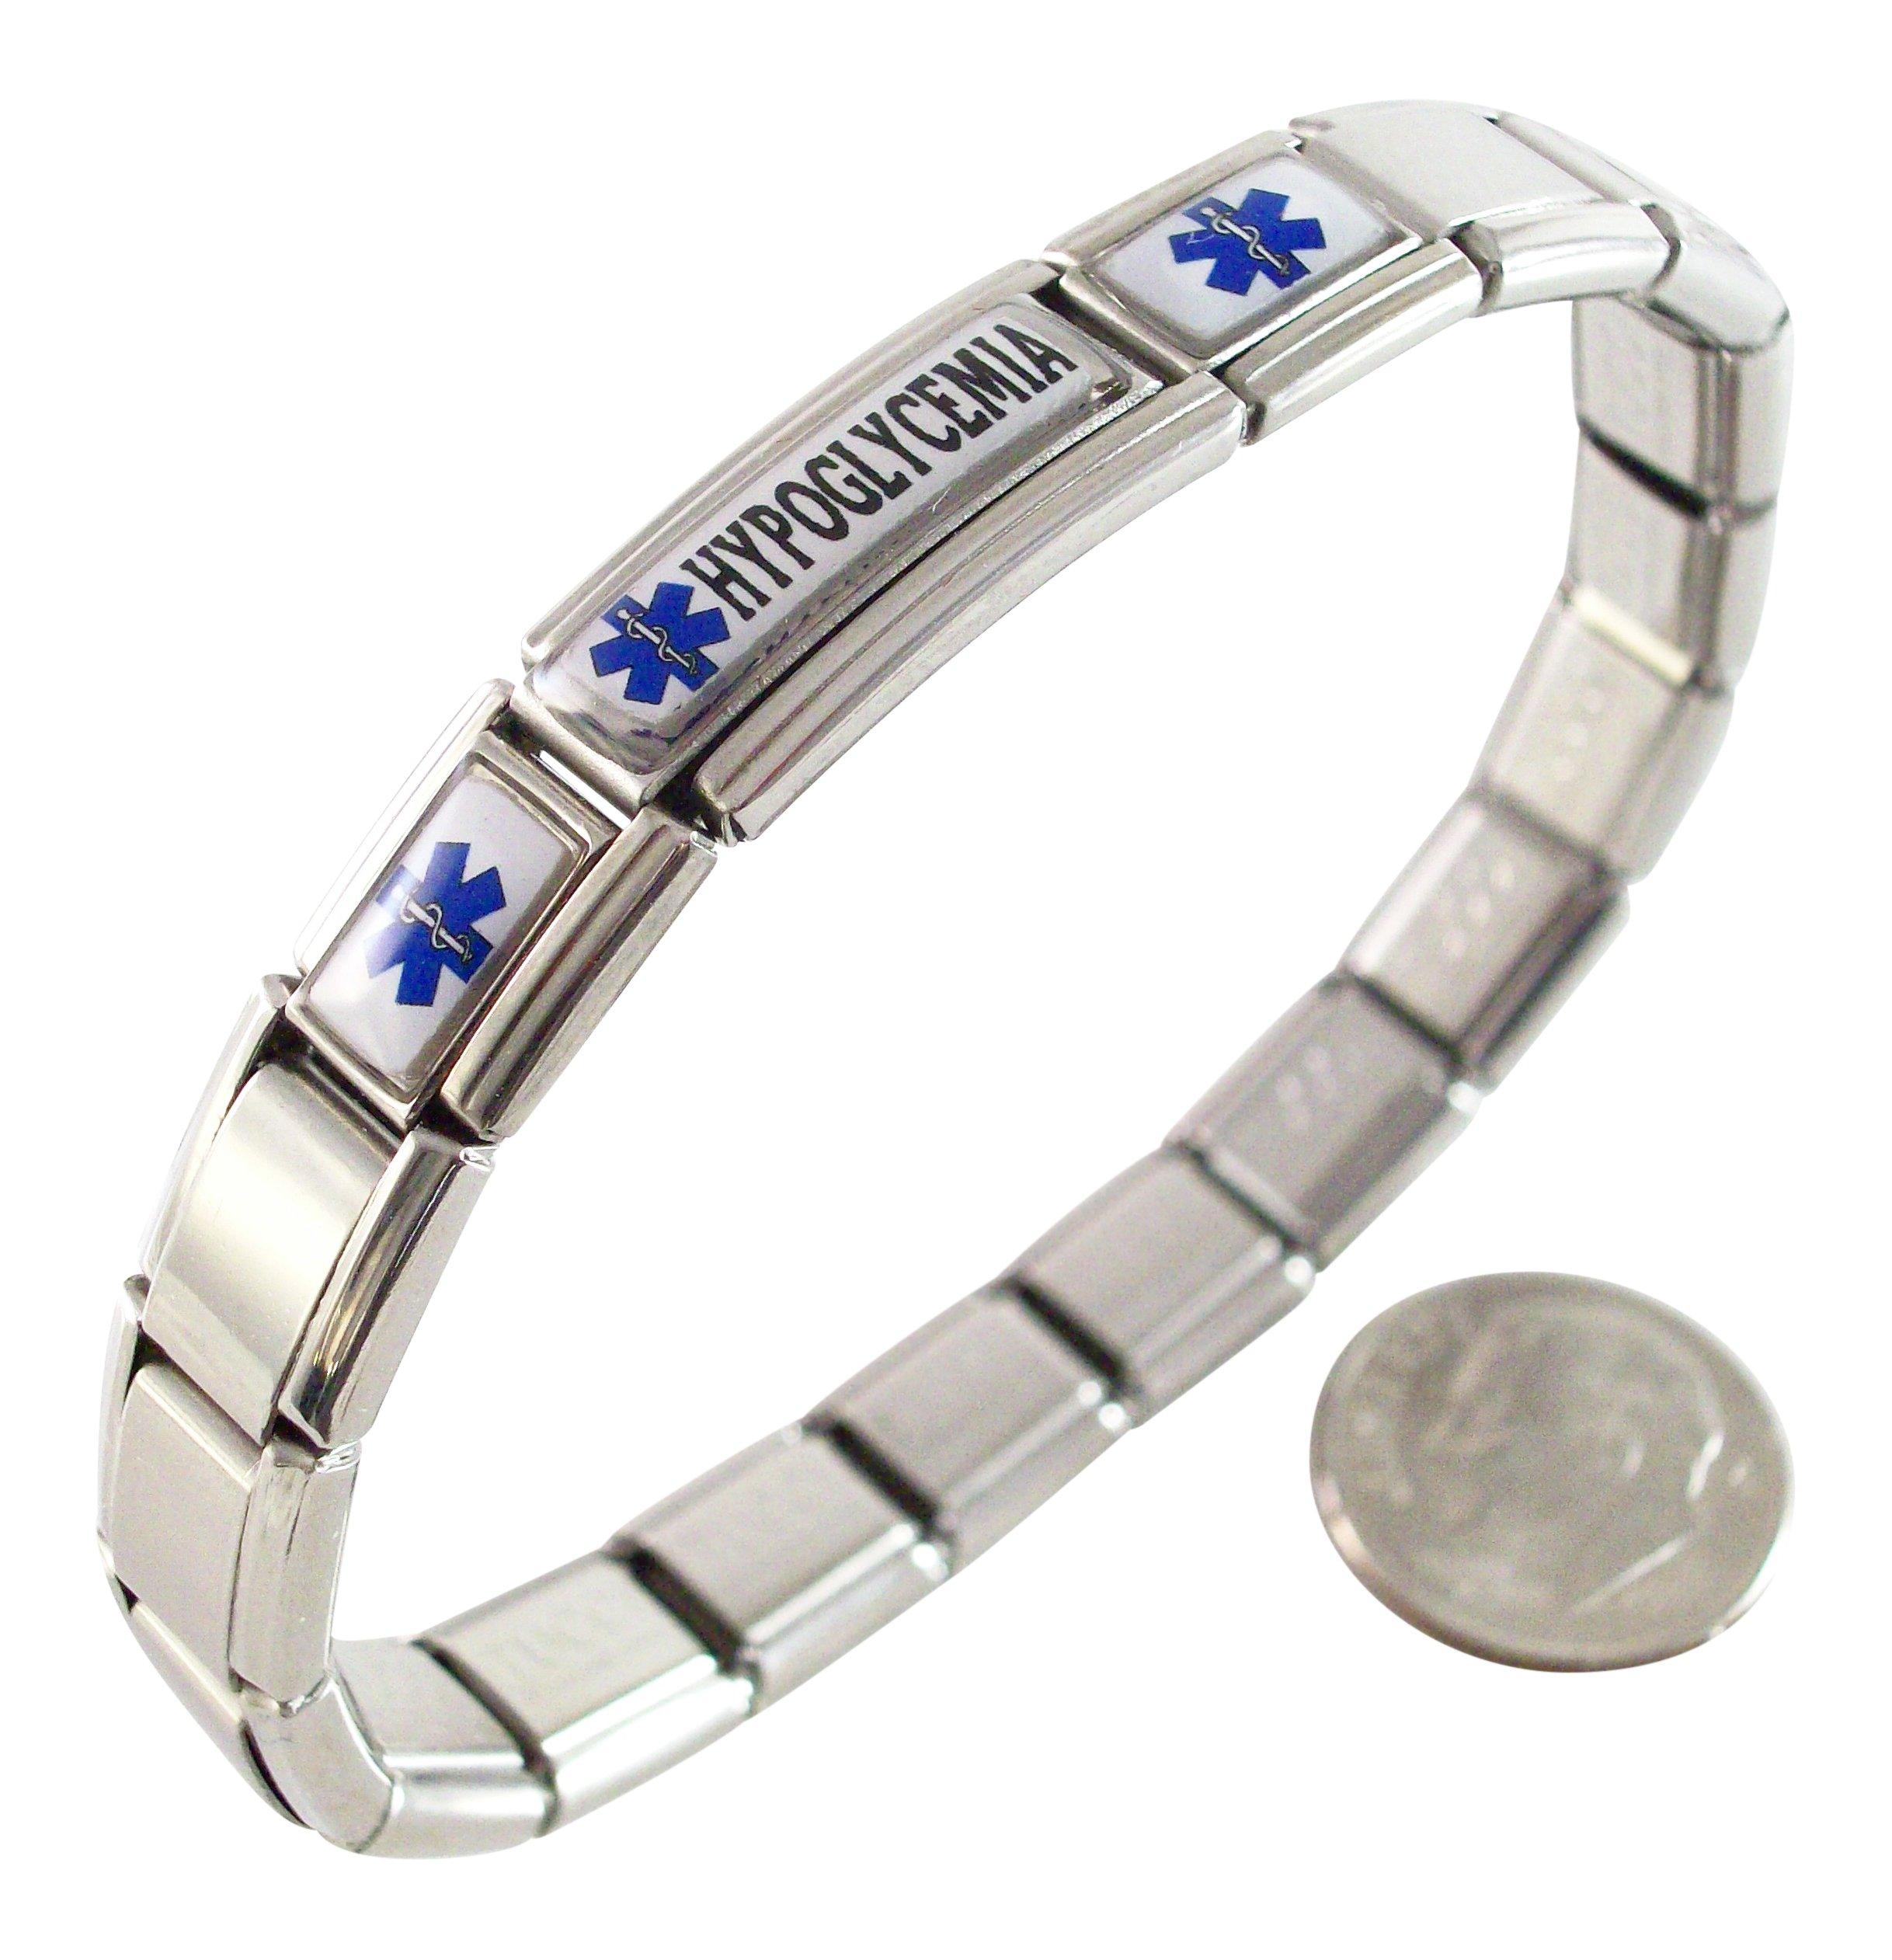 Gadow Jewelry Hypoglycemia Medical ID Alert Italian Charm Bracelet